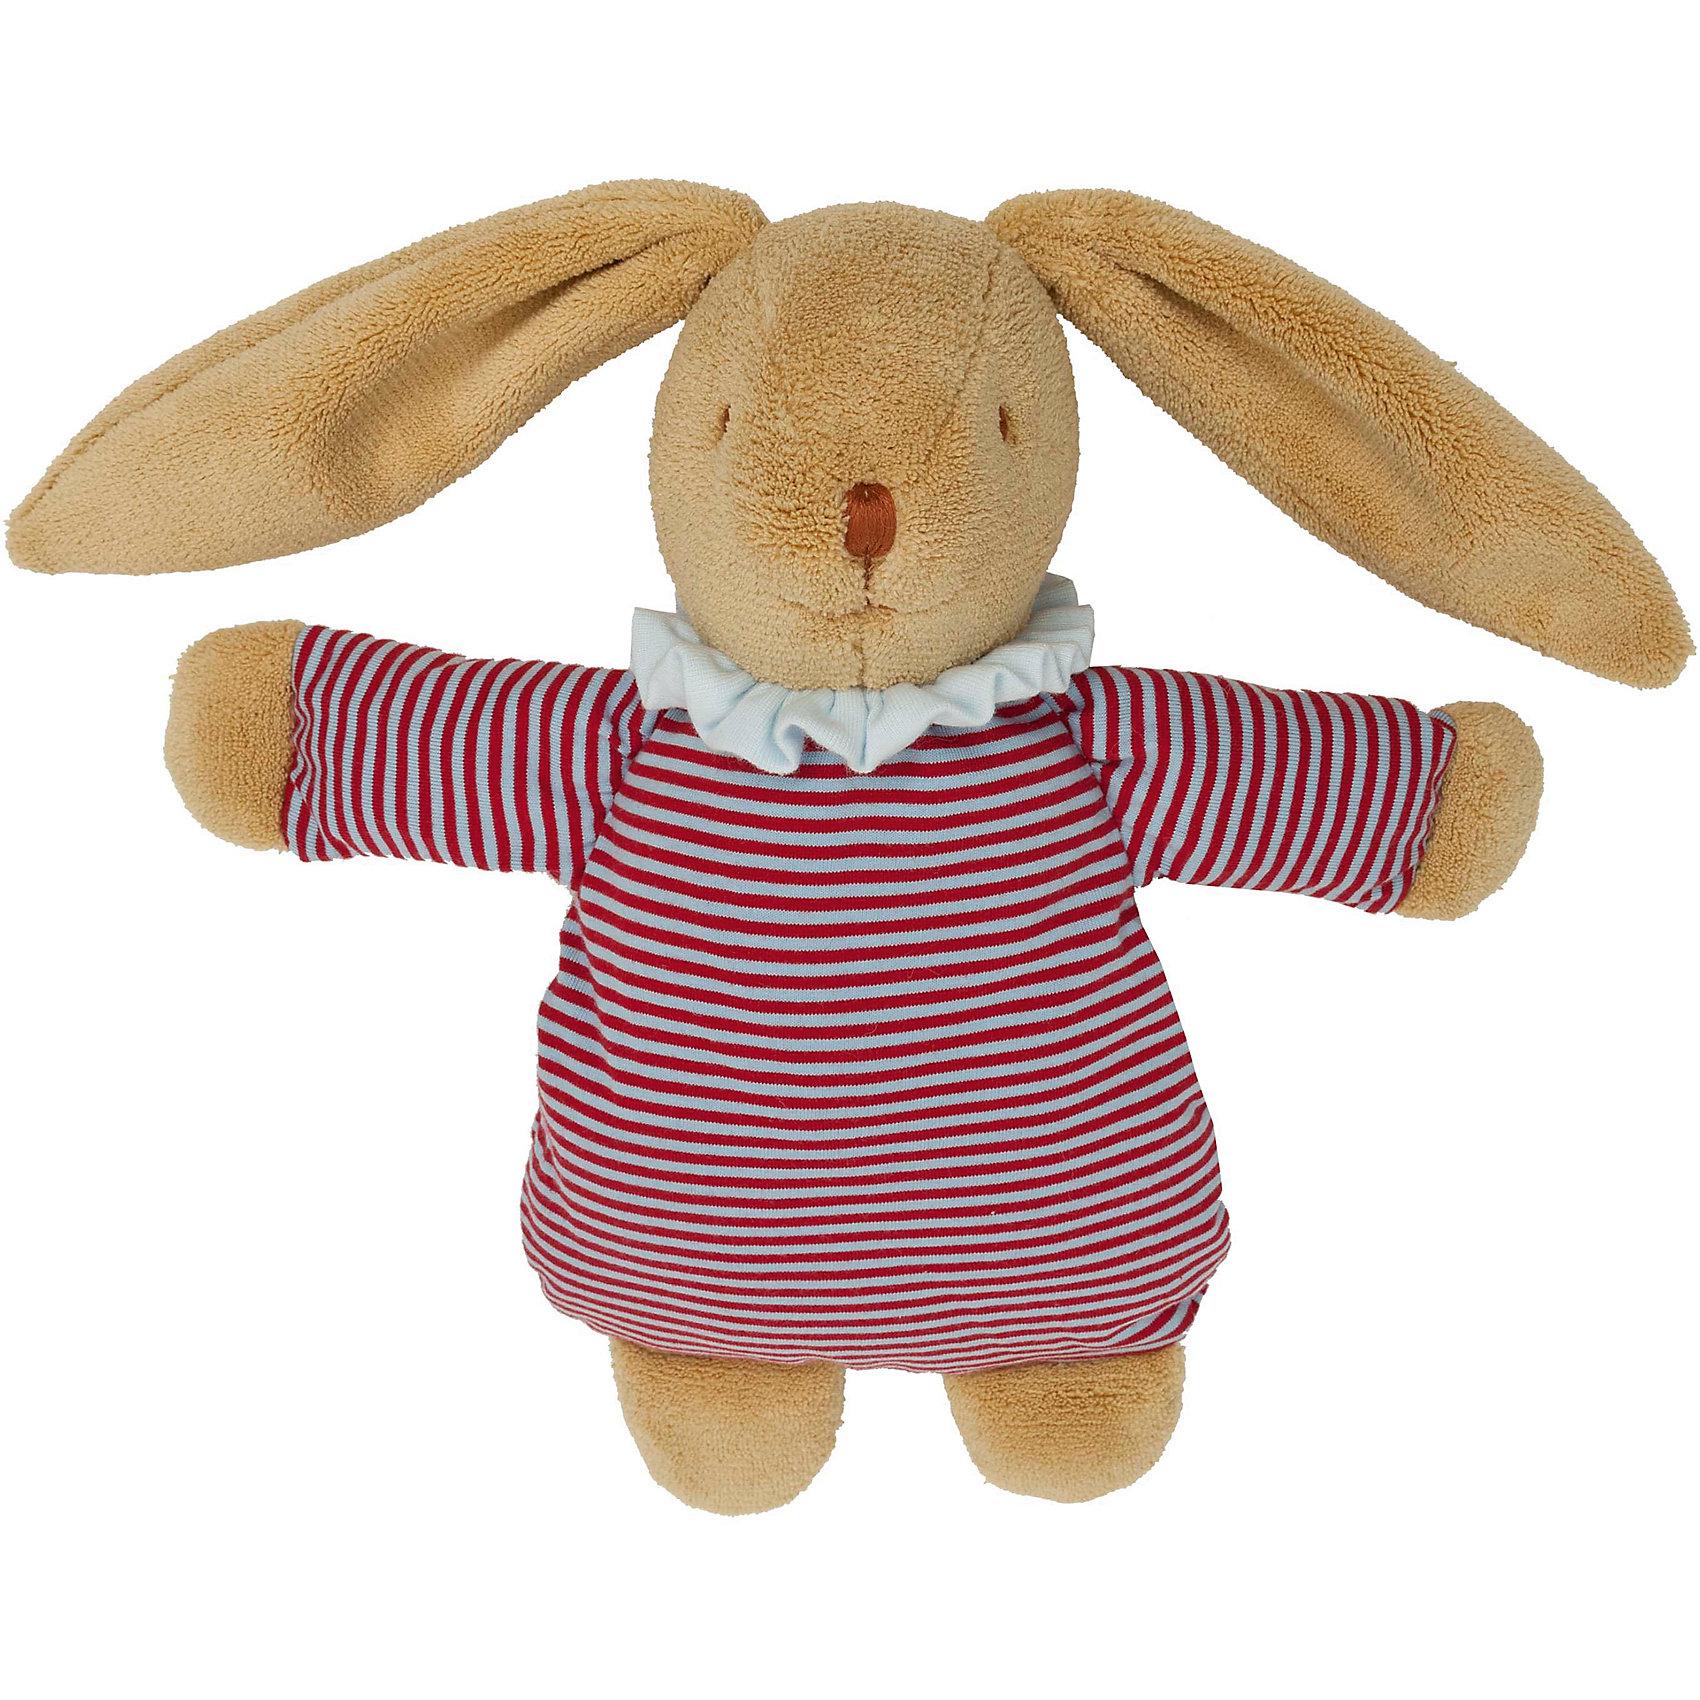 Мягкая игрушка Зайка с кармашком, в полоску, 32см&#13;, TrousselierМягкие игрушки<br>Мягкая игрушка Зайка с кармашком, в полоску, 32см, Trousselier<br><br>Характеристики:<br><br>• Размер: 32 см<br>• Цвет: коричневый, мульти<br>• Материал: текстиль, полиэстер, хлопок<br>• Возраст: от 0 месяцев<br><br>Веселый зайчик в платье станет другом для вашего малыша. Натуральный материал не вызывает аллергию и полностью безопасен для нежной кожи. Малыш сможет спать с зайкой, с первых дней своей жизни. Кроме того у зайки есть кармашек, который подрастающий малыш сможет использовать как первый тайник.<br><br>Мягкая игрушка Зайка с кармашком, в полоску, 32см, Trousselier можно купить в нашем интернет-магазине.<br><br>Ширина мм: 350<br>Глубина мм: 205<br>Высота мм: 80<br>Вес г: 350<br>Возраст от месяцев: -2147483648<br>Возраст до месяцев: 2147483647<br>Пол: Унисекс<br>Возраст: Детский<br>SKU: 4964804